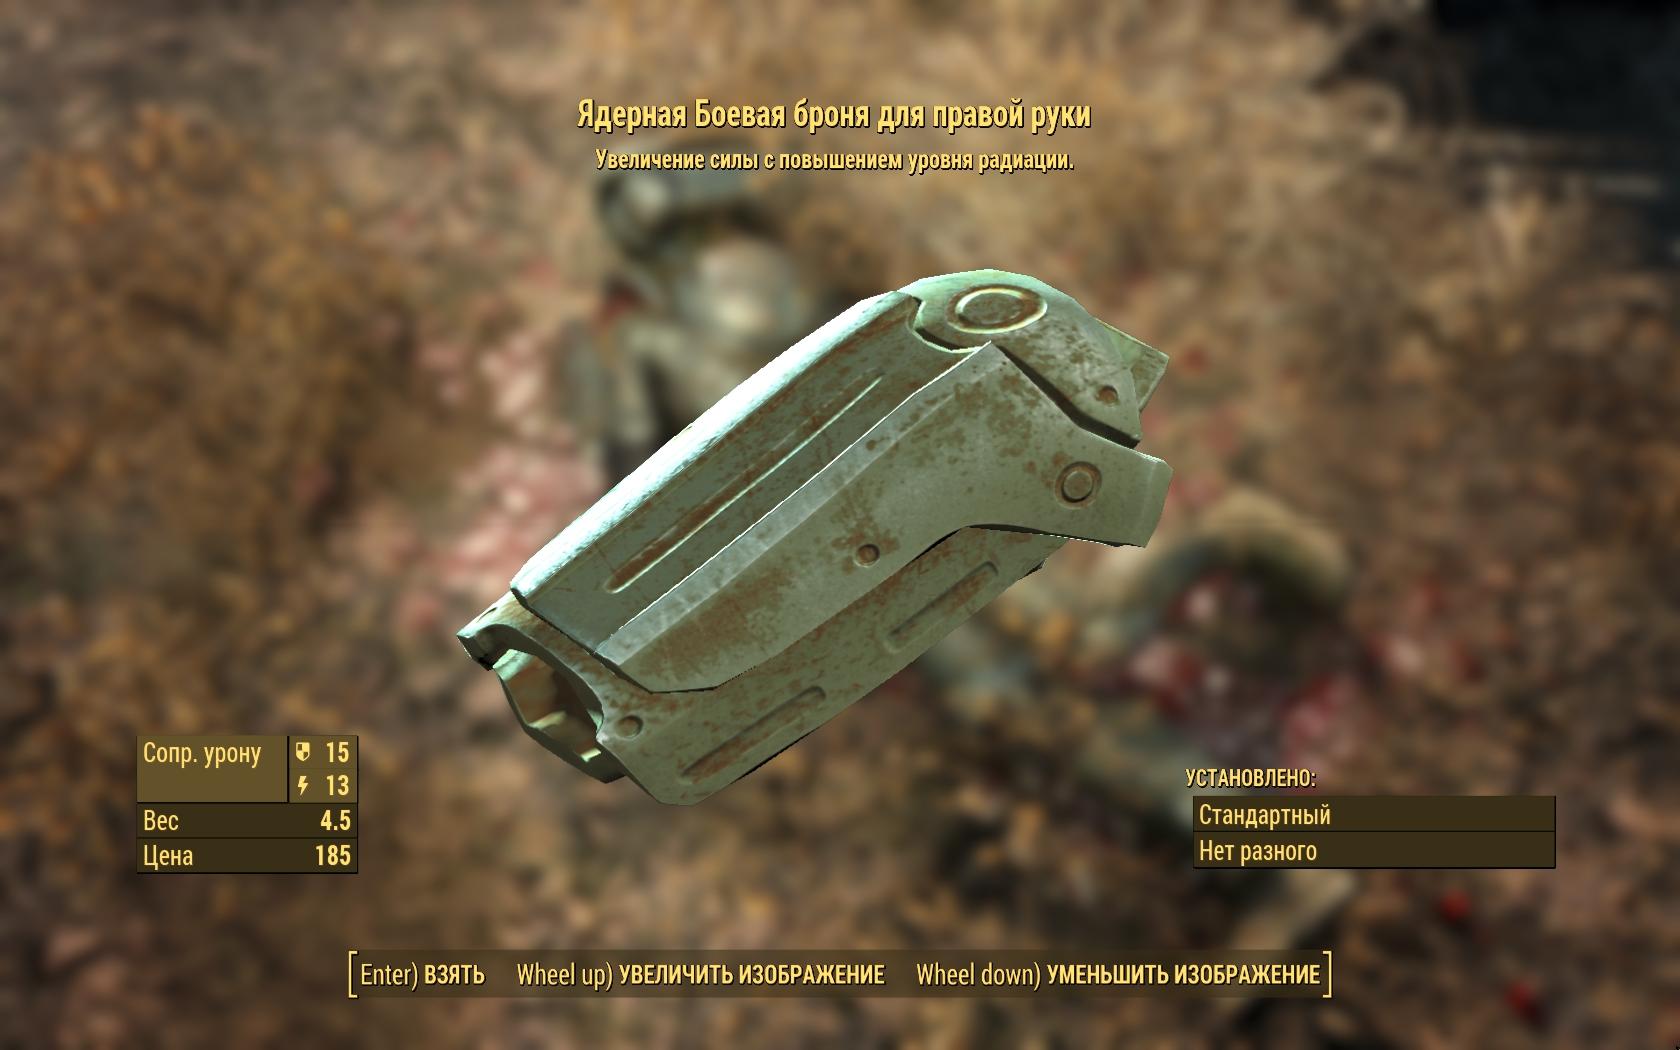 Ядерная боевая броня для правой руки - Fallout 4 броня, Одежда, Ядерная